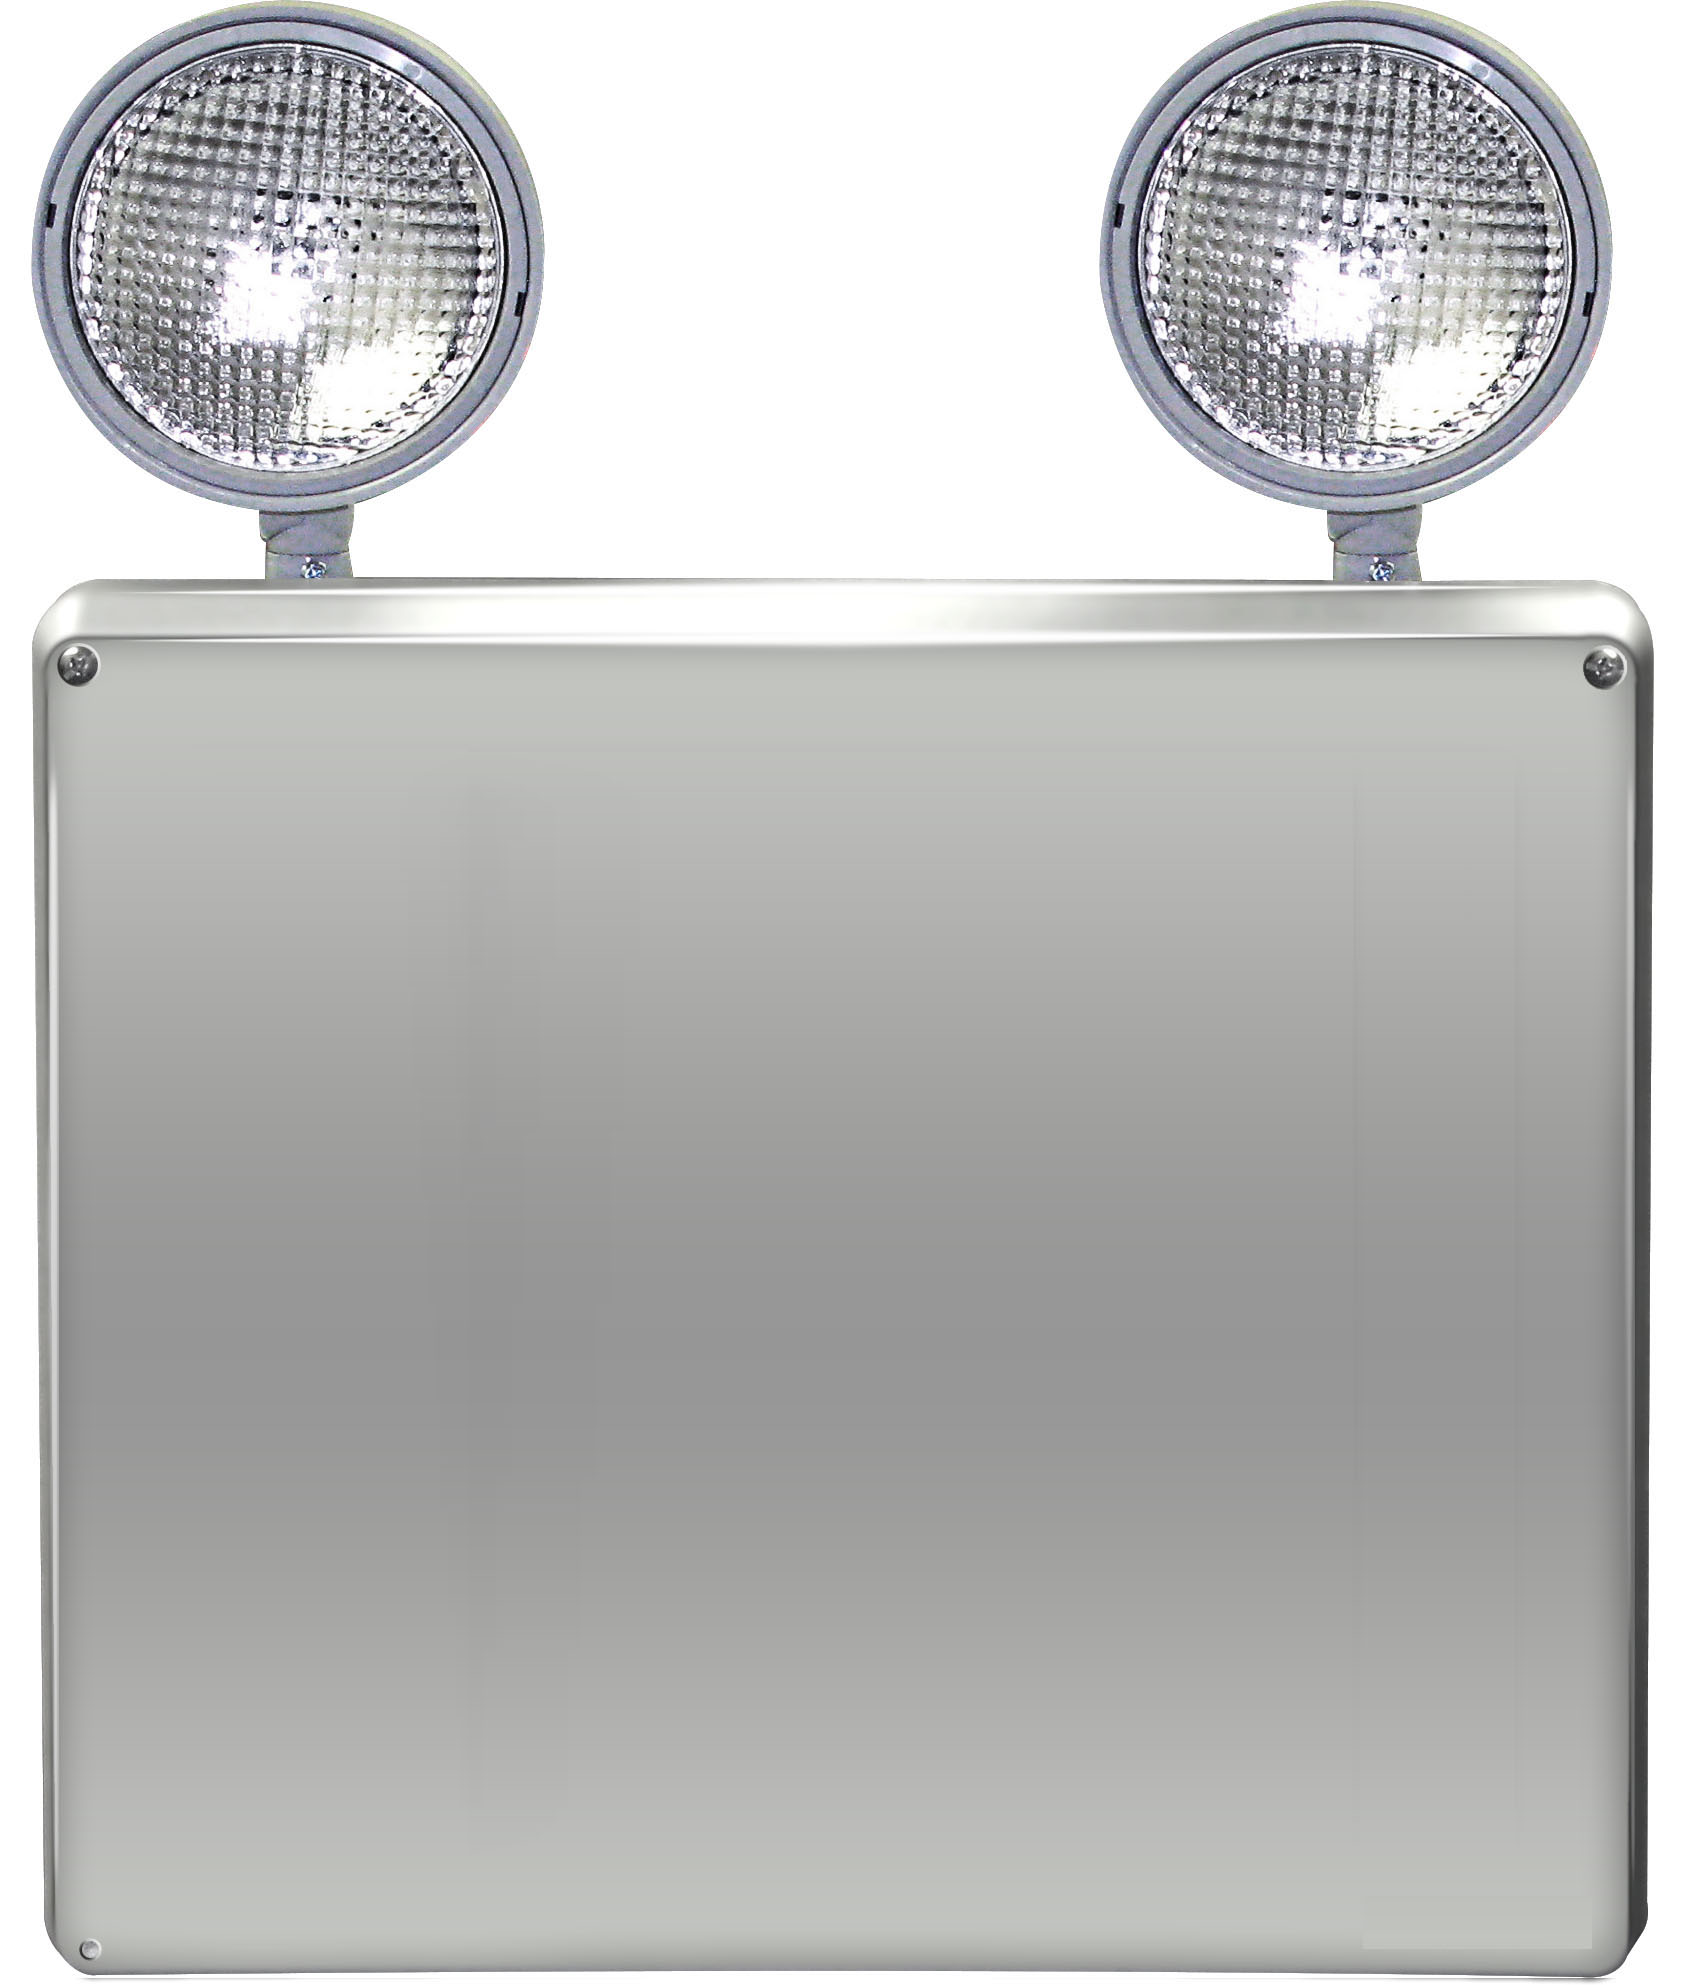 /////Mule Lighting - C1D2-U